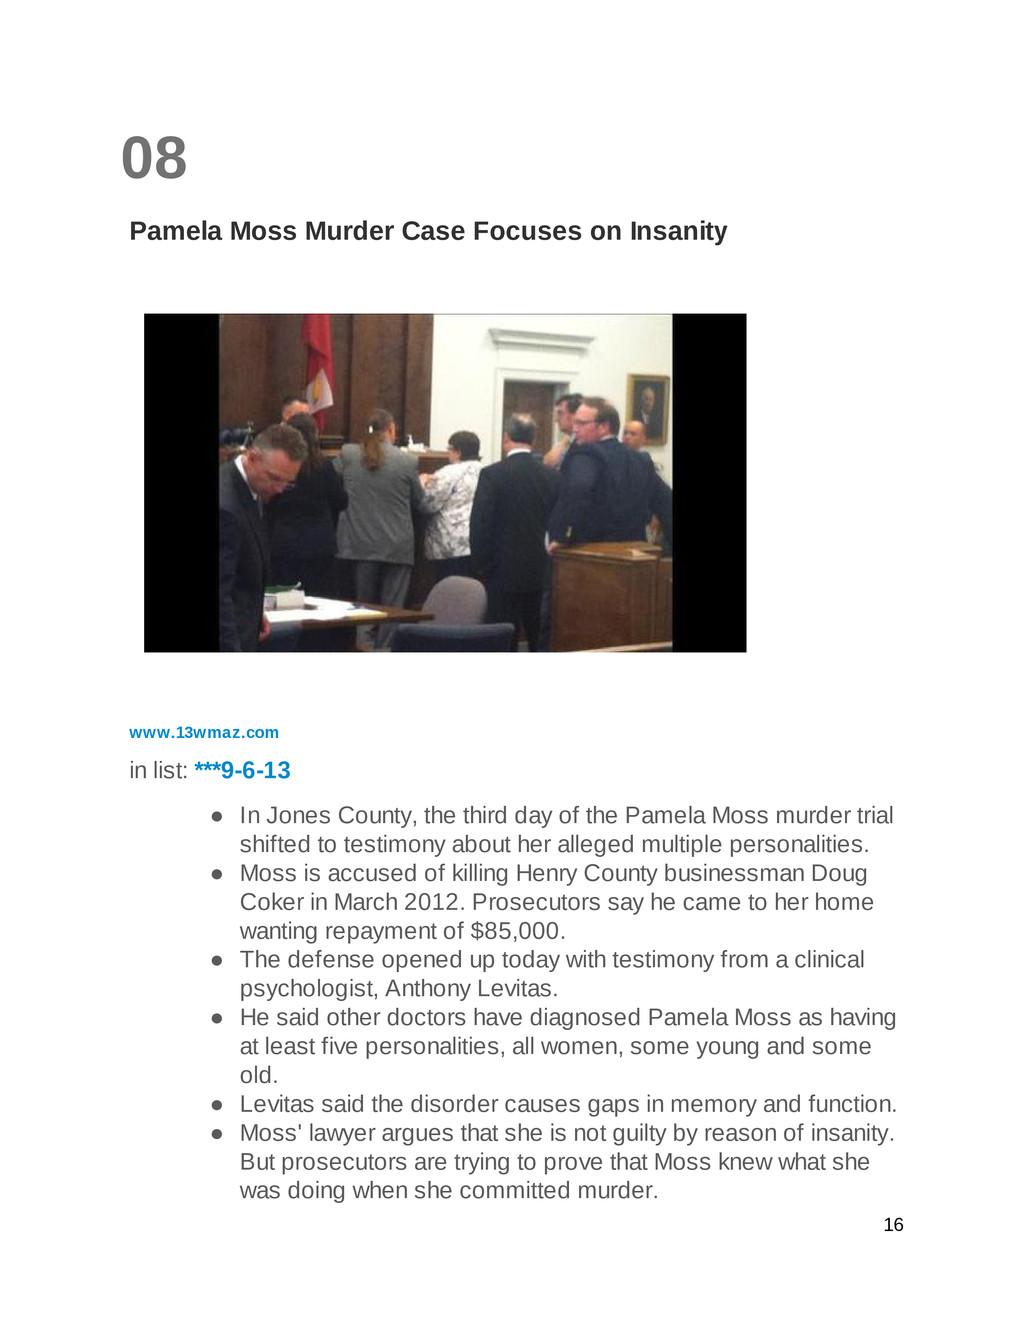 08 Pamela Moss Murder Case Focuses on Insanity ...